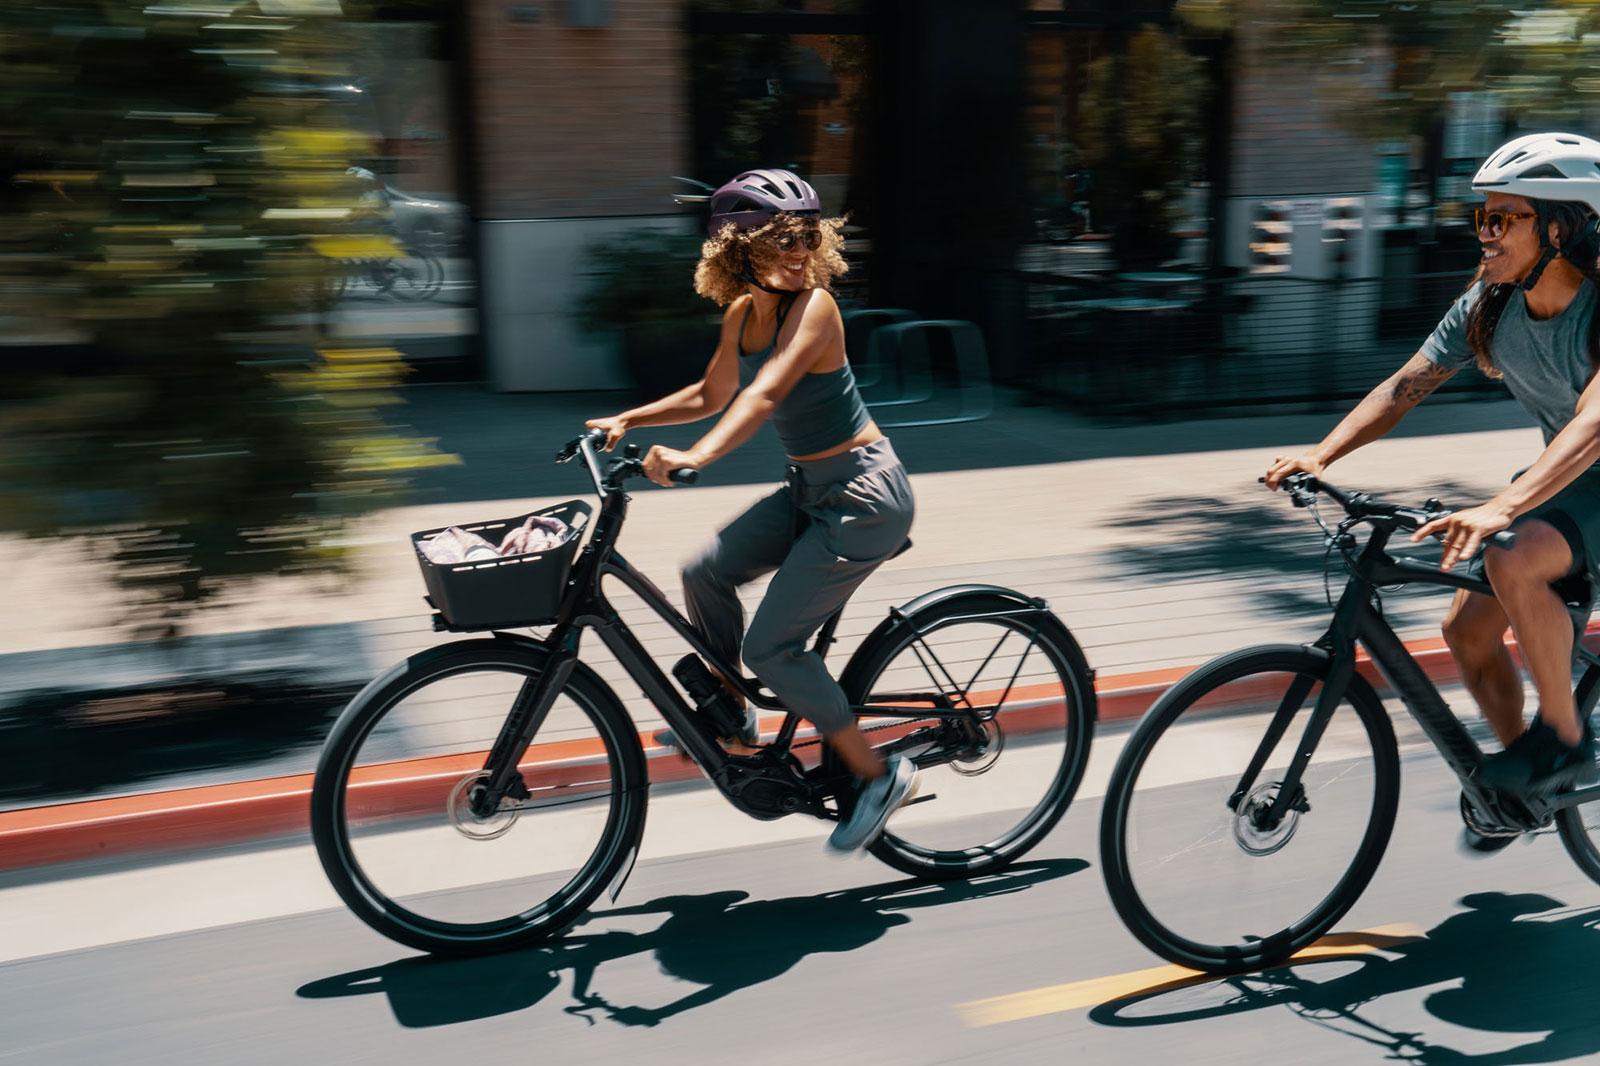 E-bikes in the city